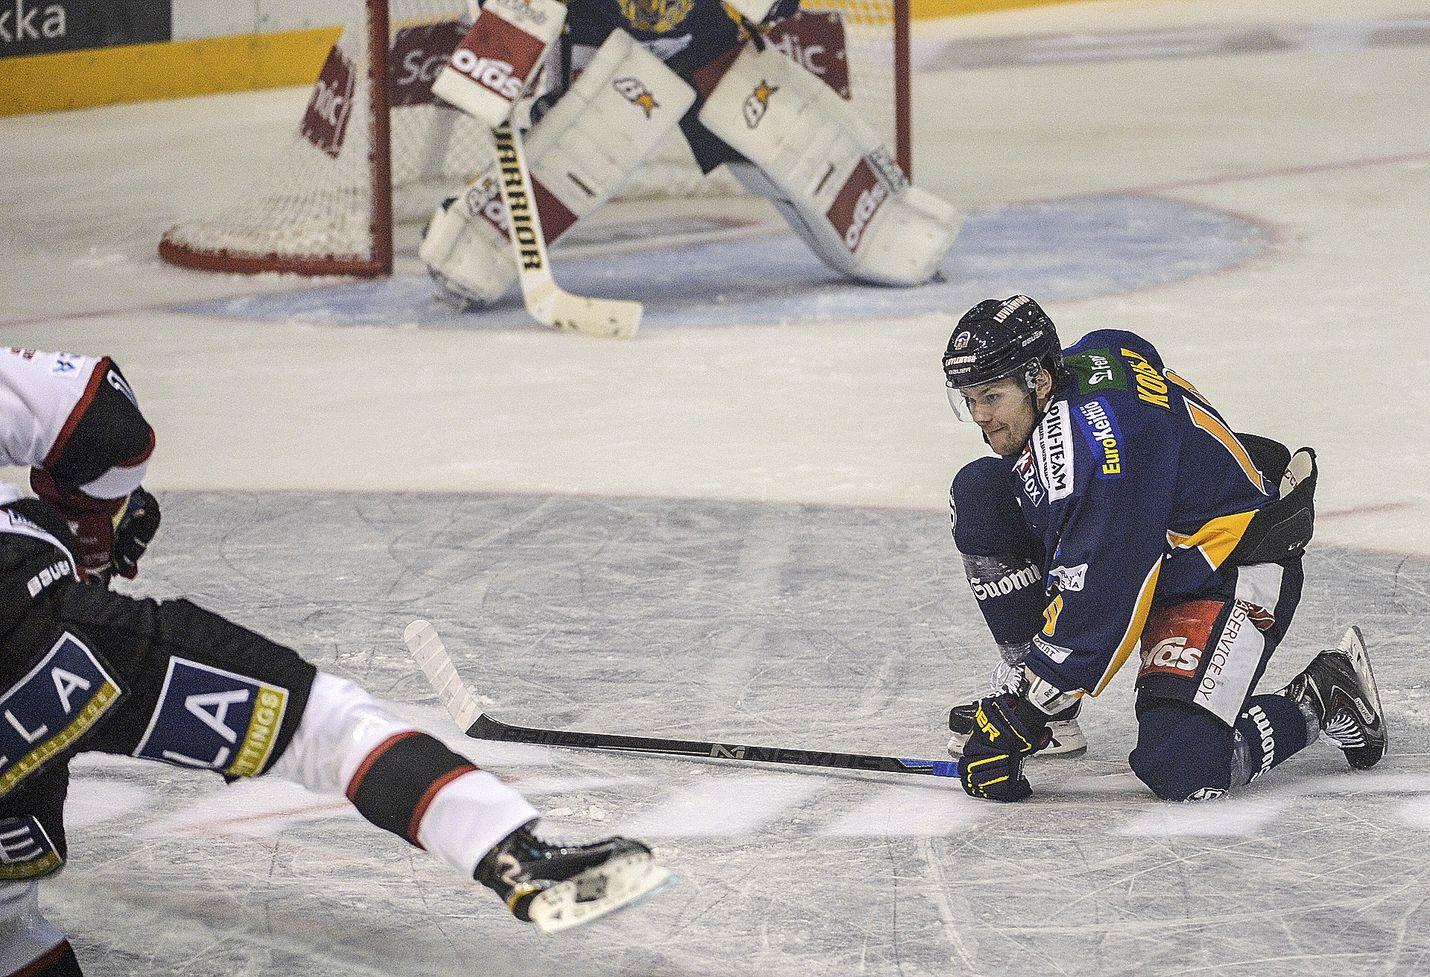 Rauman Lukosta plus/miinus-tilastossa eniten pakkasella on Mikko Kousa (-10, kuvassa). Eniten plussaa on Harri Tikkasella (+8).